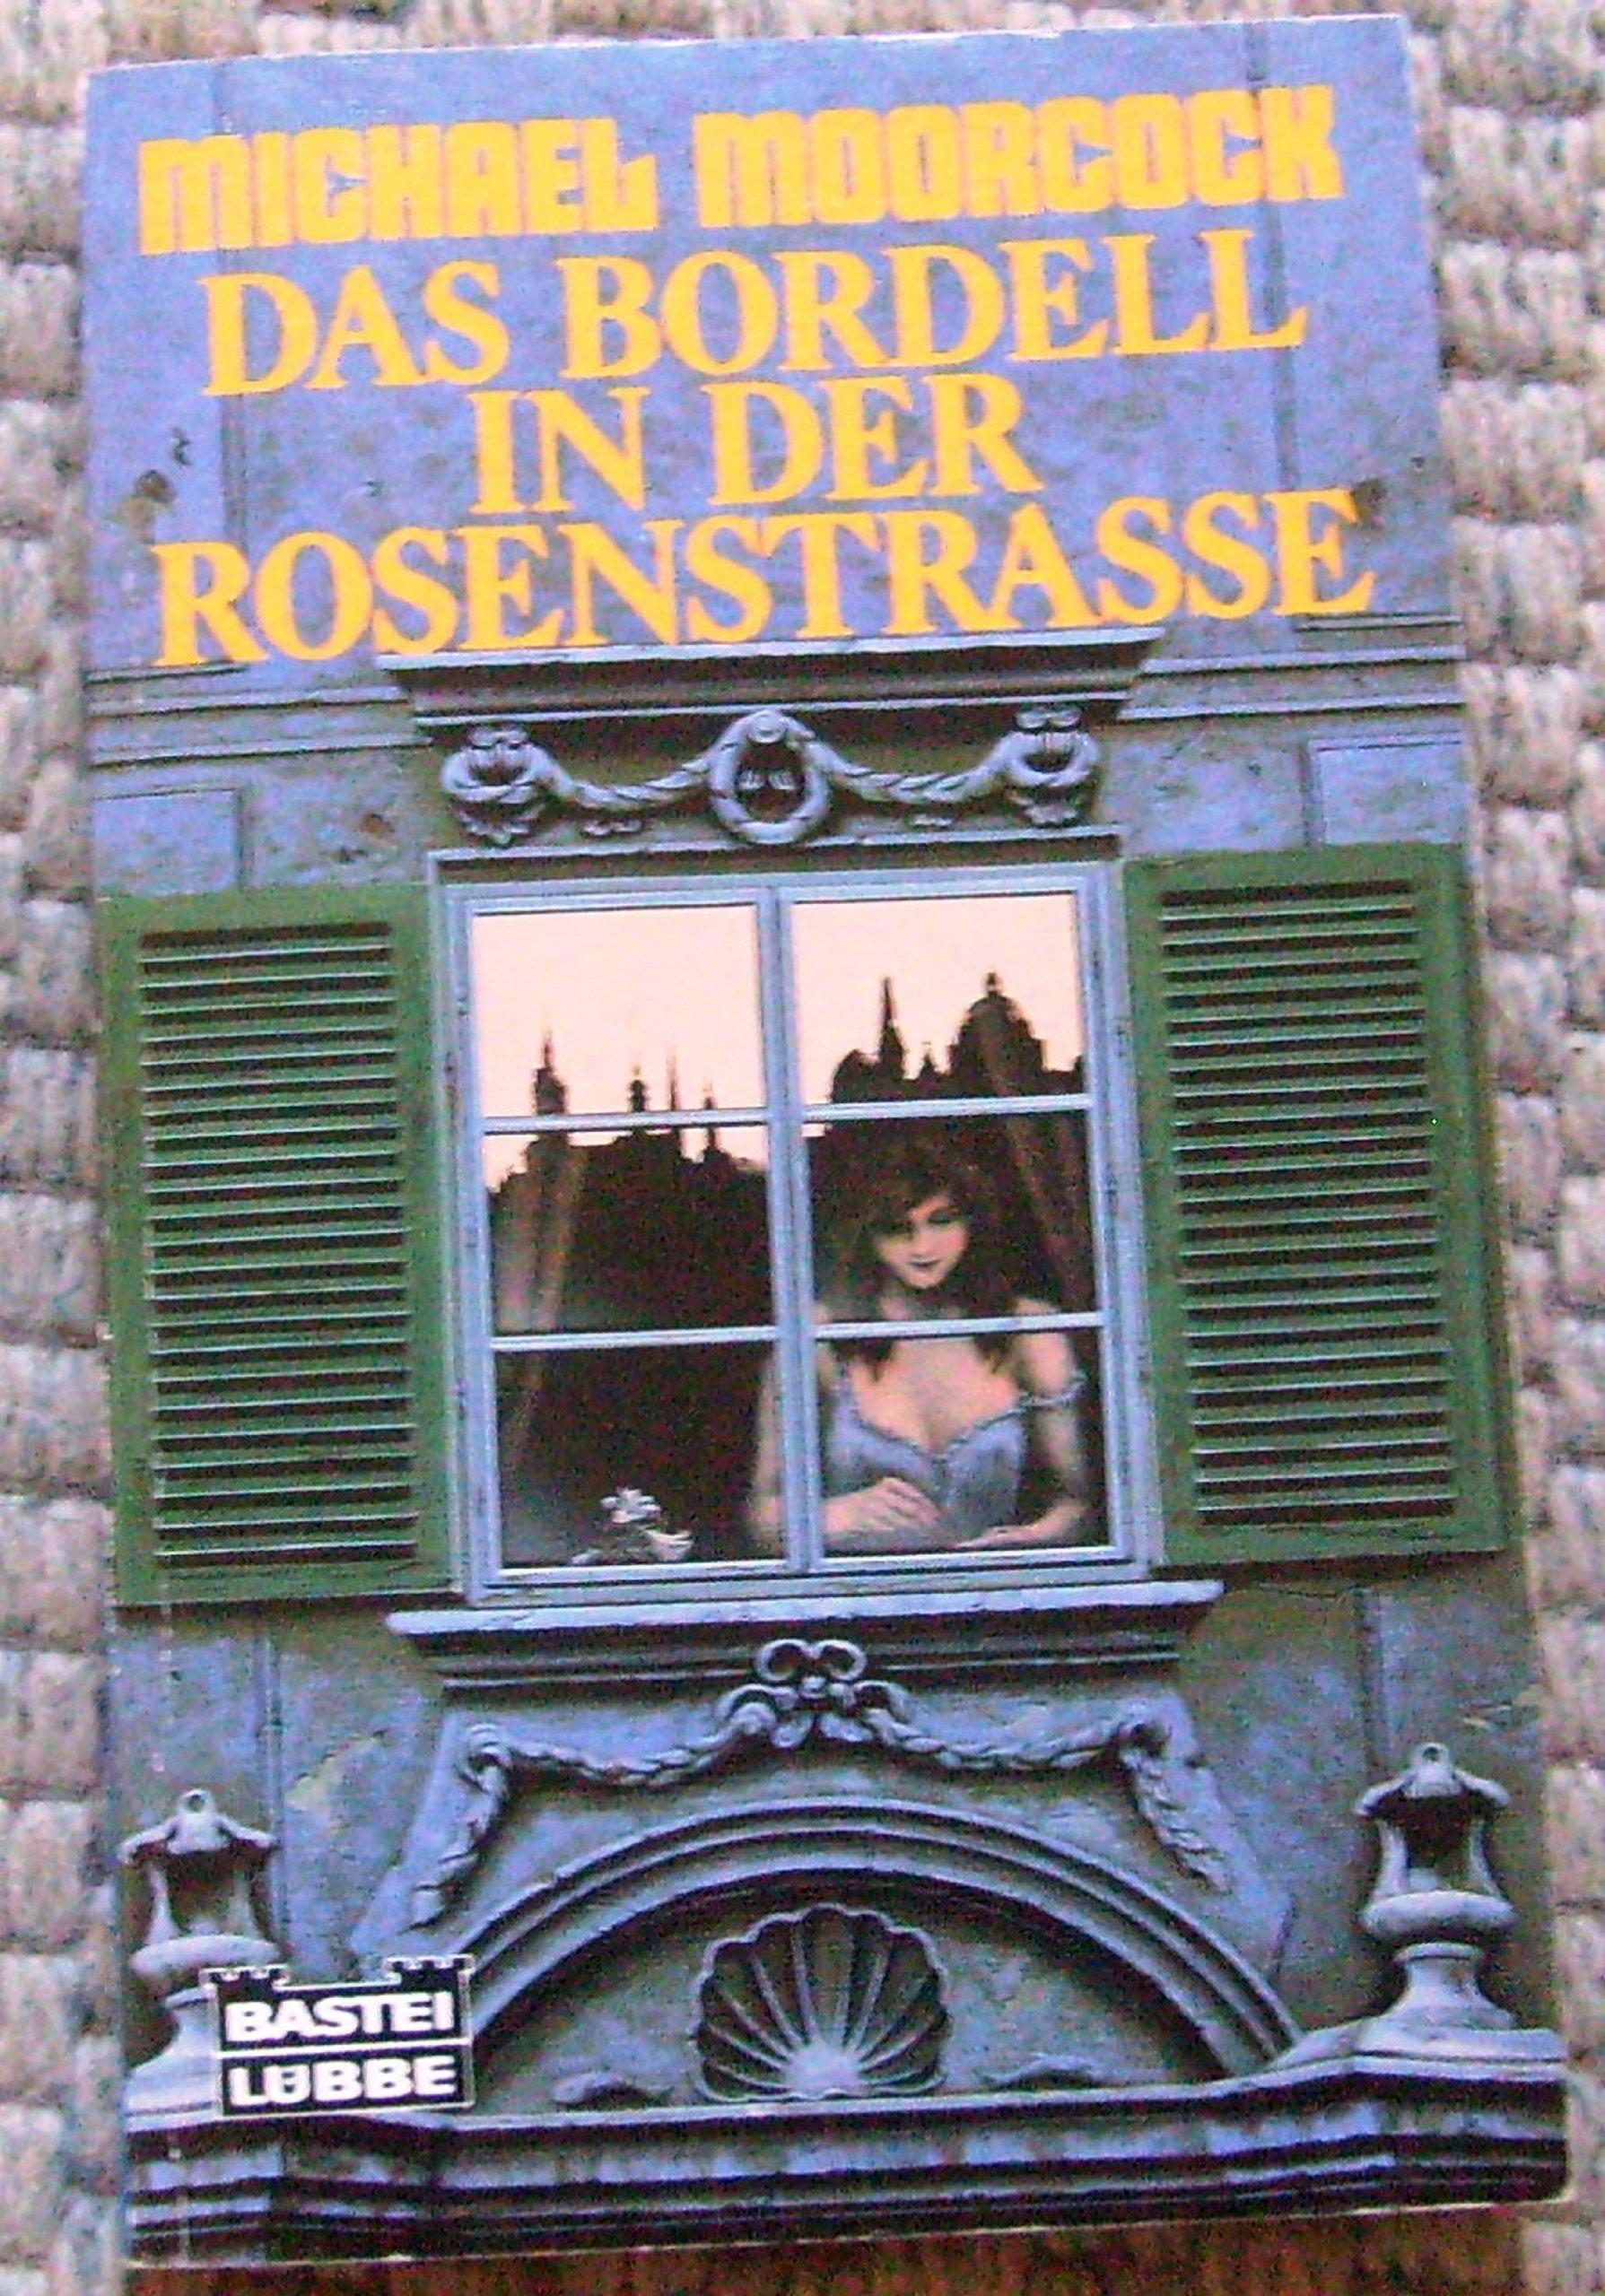 Michael Moorcock - Das Bordell in der Rosenstraße (Von Bek 3)